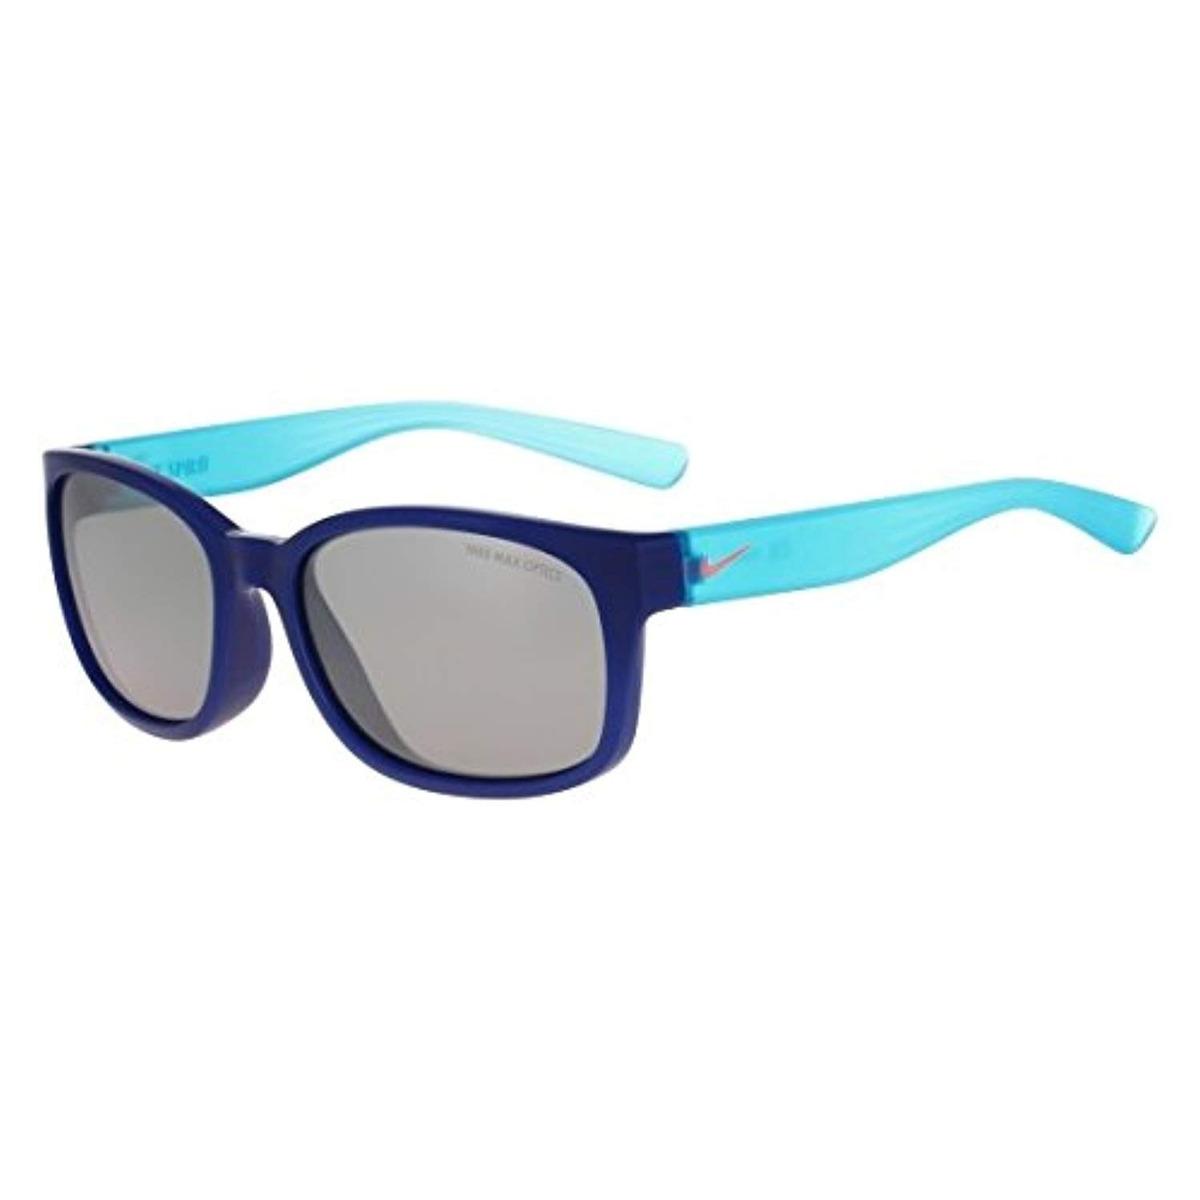 181e5d4158 Gafas De Sol Nike Golf Spirit, Insignia Blue - $ 373.533 en Mercado ...